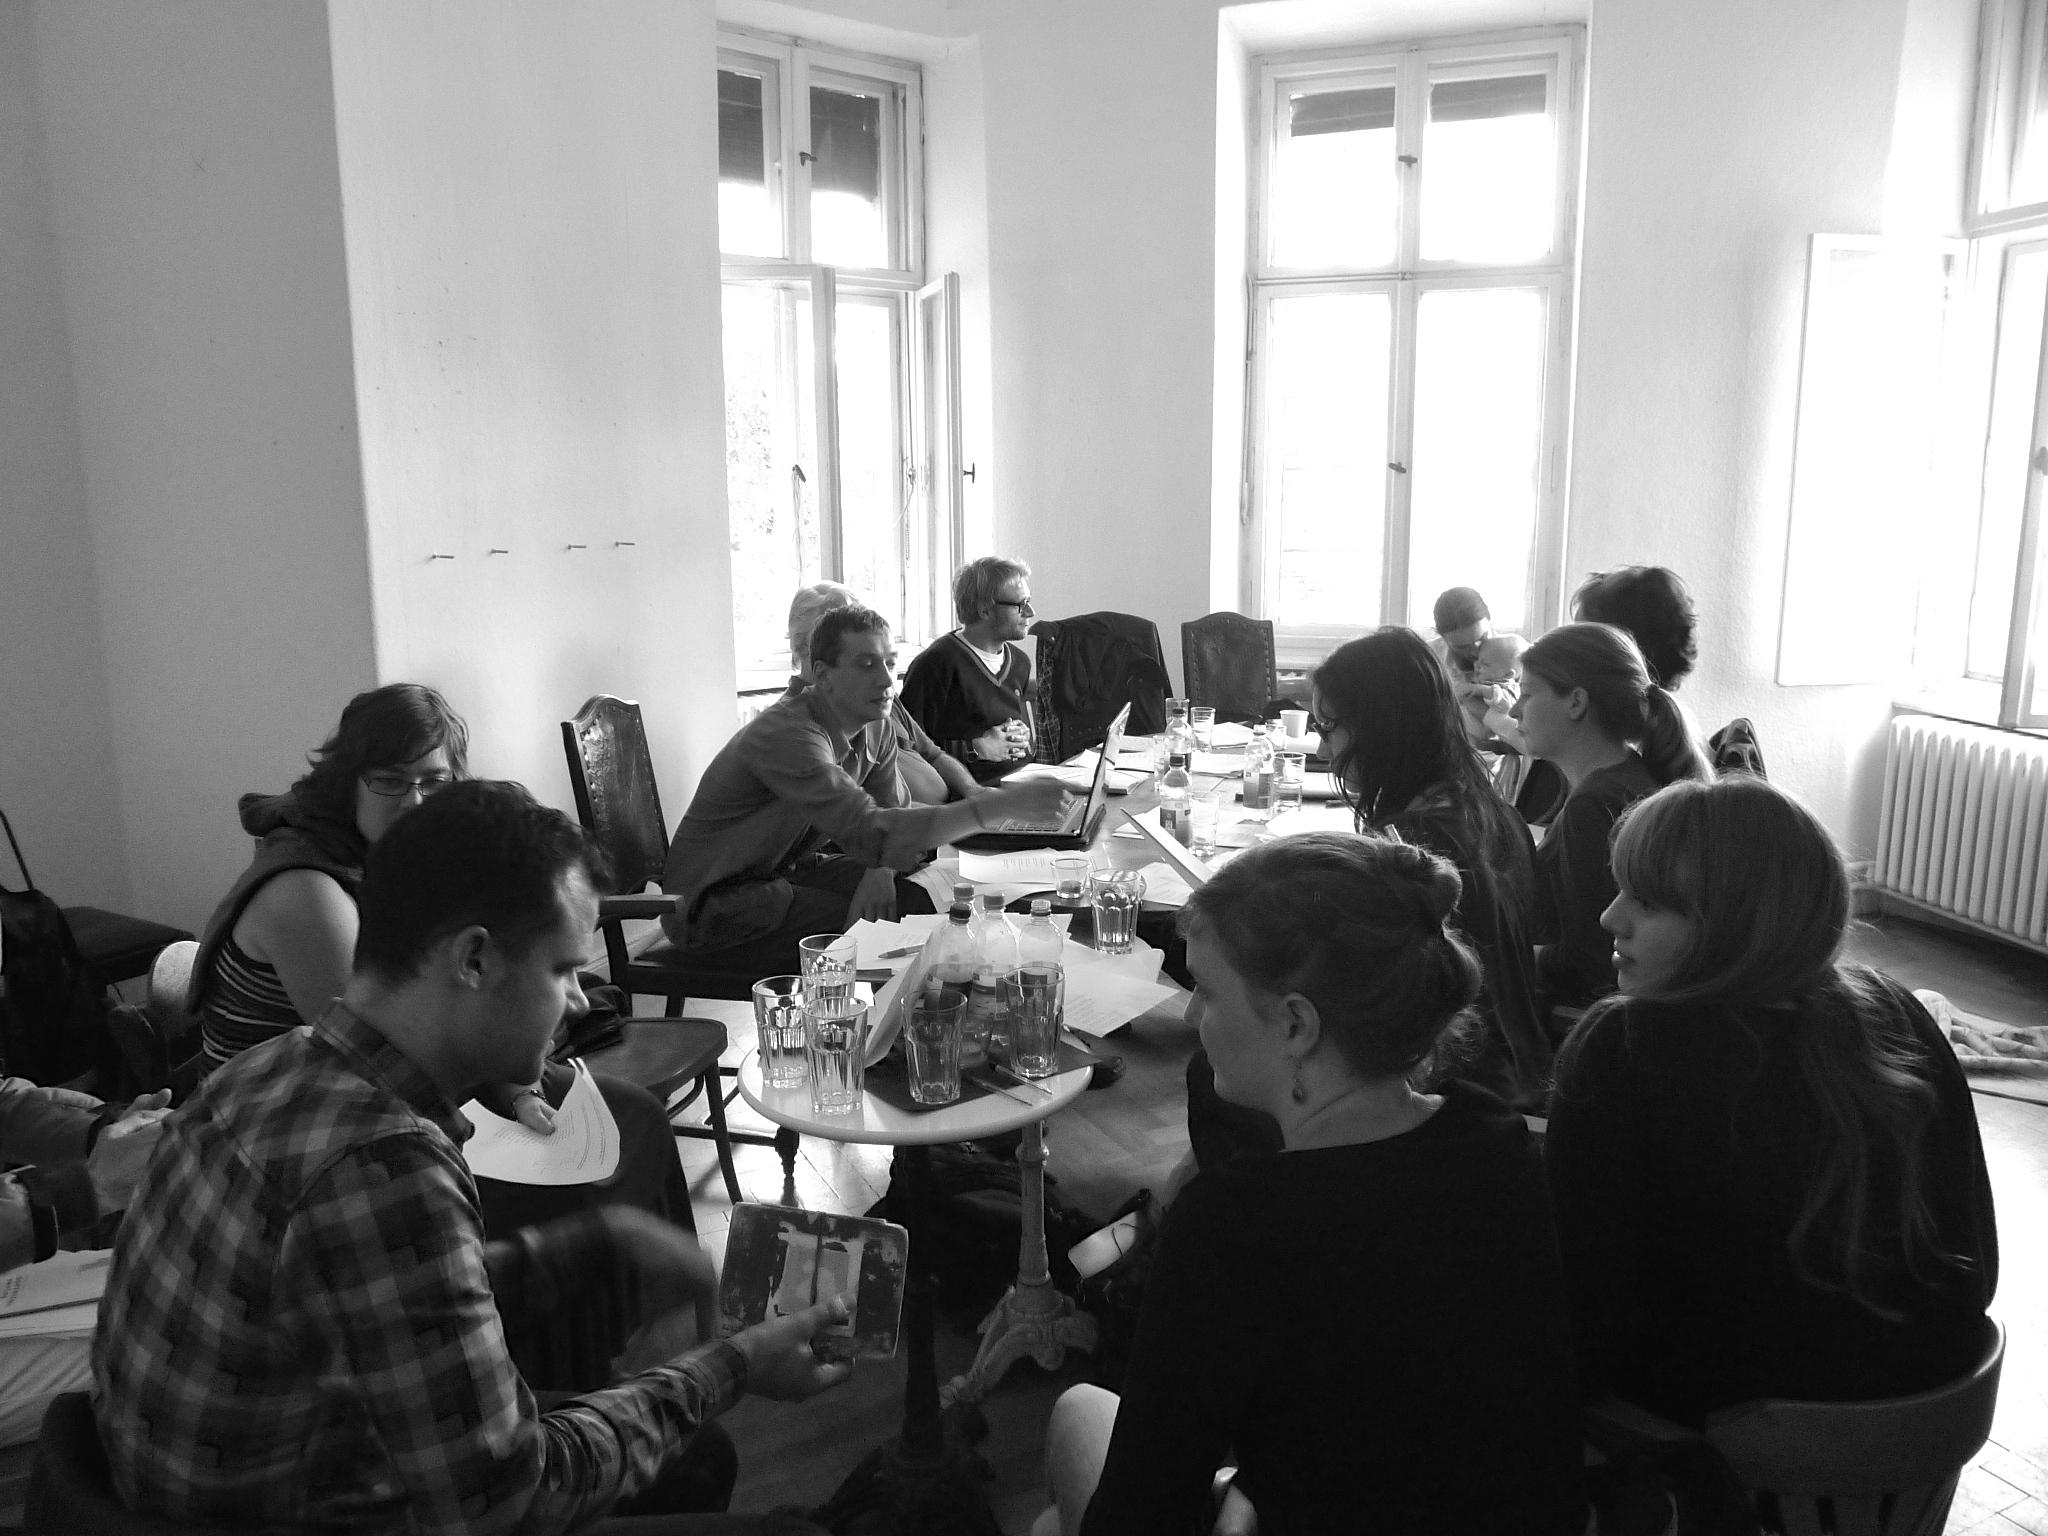 Atelier de traduction à Berlin, Lettrétage, 2012.